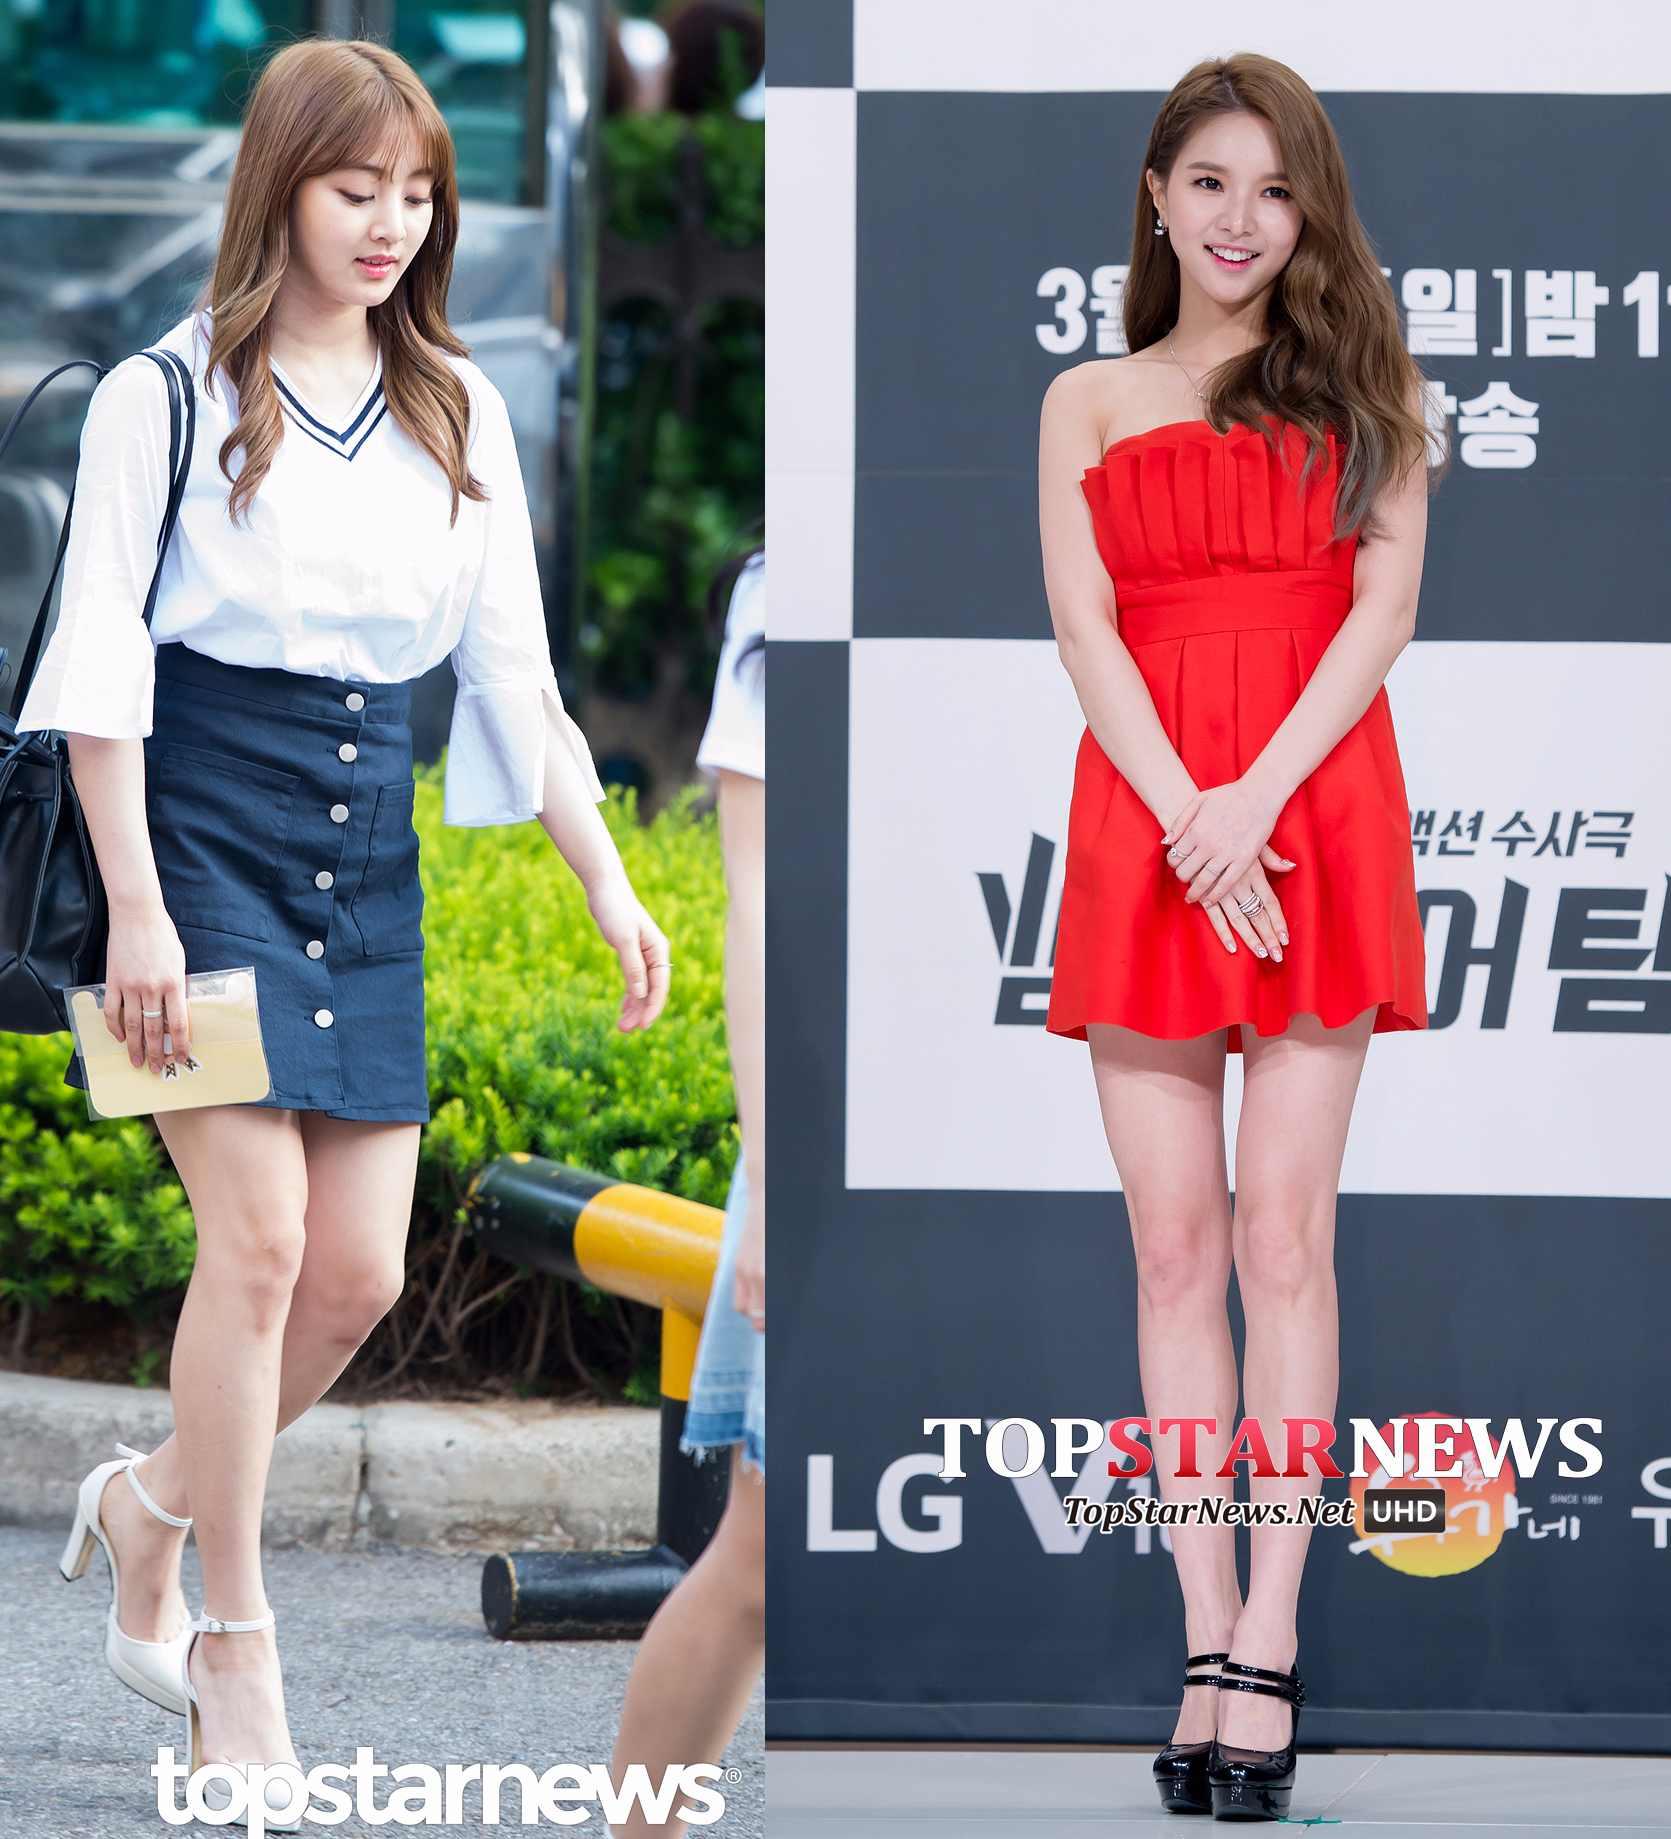 除了像太妍一樣的一根細帶,也還有兩根或者多跟細帶款。像志效一樣搭配同樣是今年夏天流行的單品A型短裙也可以很甜美。